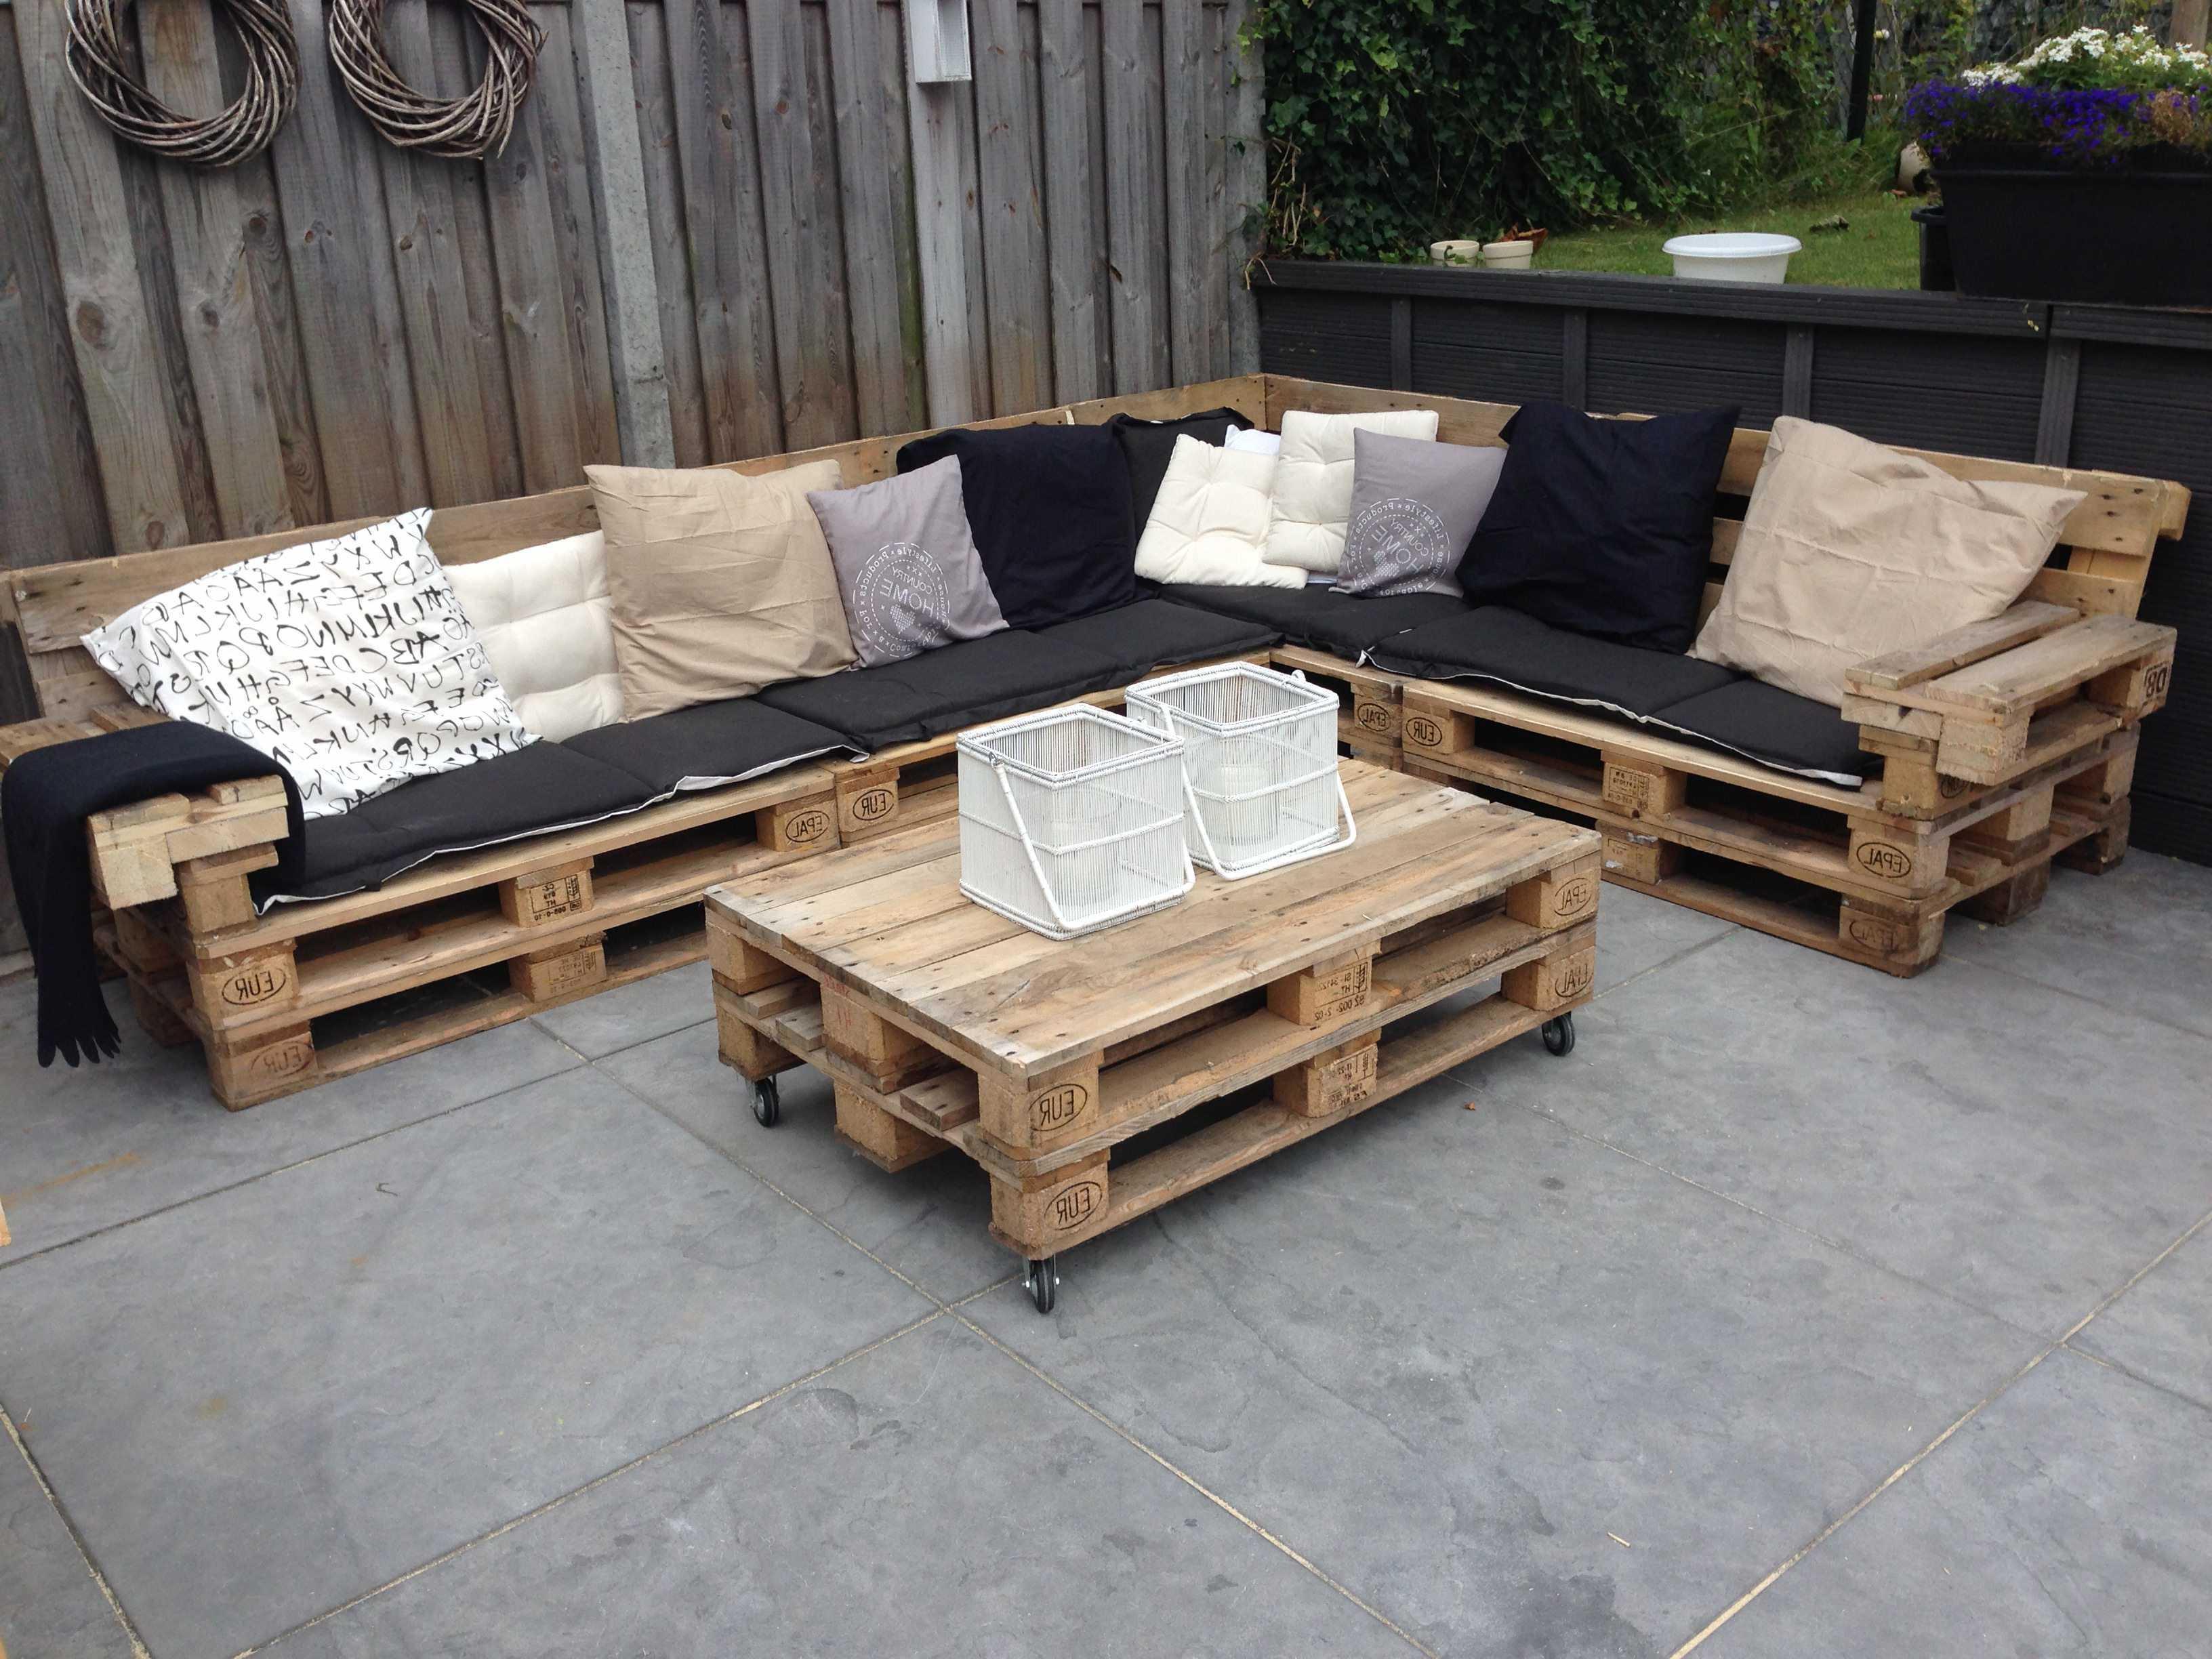 Garten lounge selbst gestalten das gr ne wohnzimmer im eigenen garten balkon diy garten - Garten lounge aus paletten ...